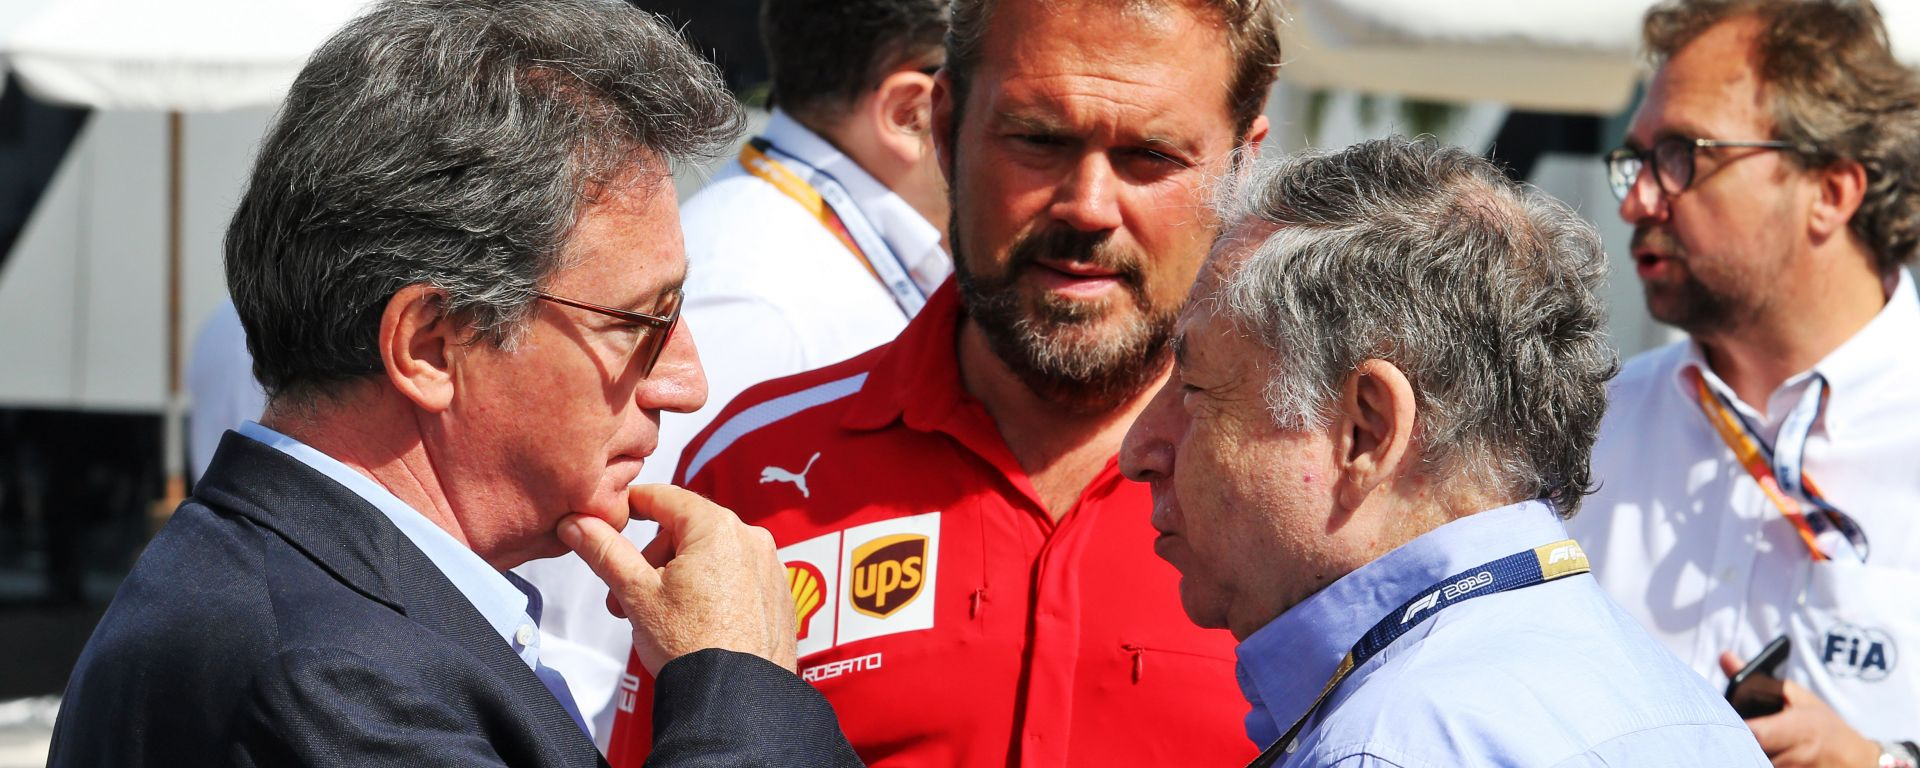 F1: Louis Camilleri, CEO Ferrari, con Jean Todt, presidente della FIA